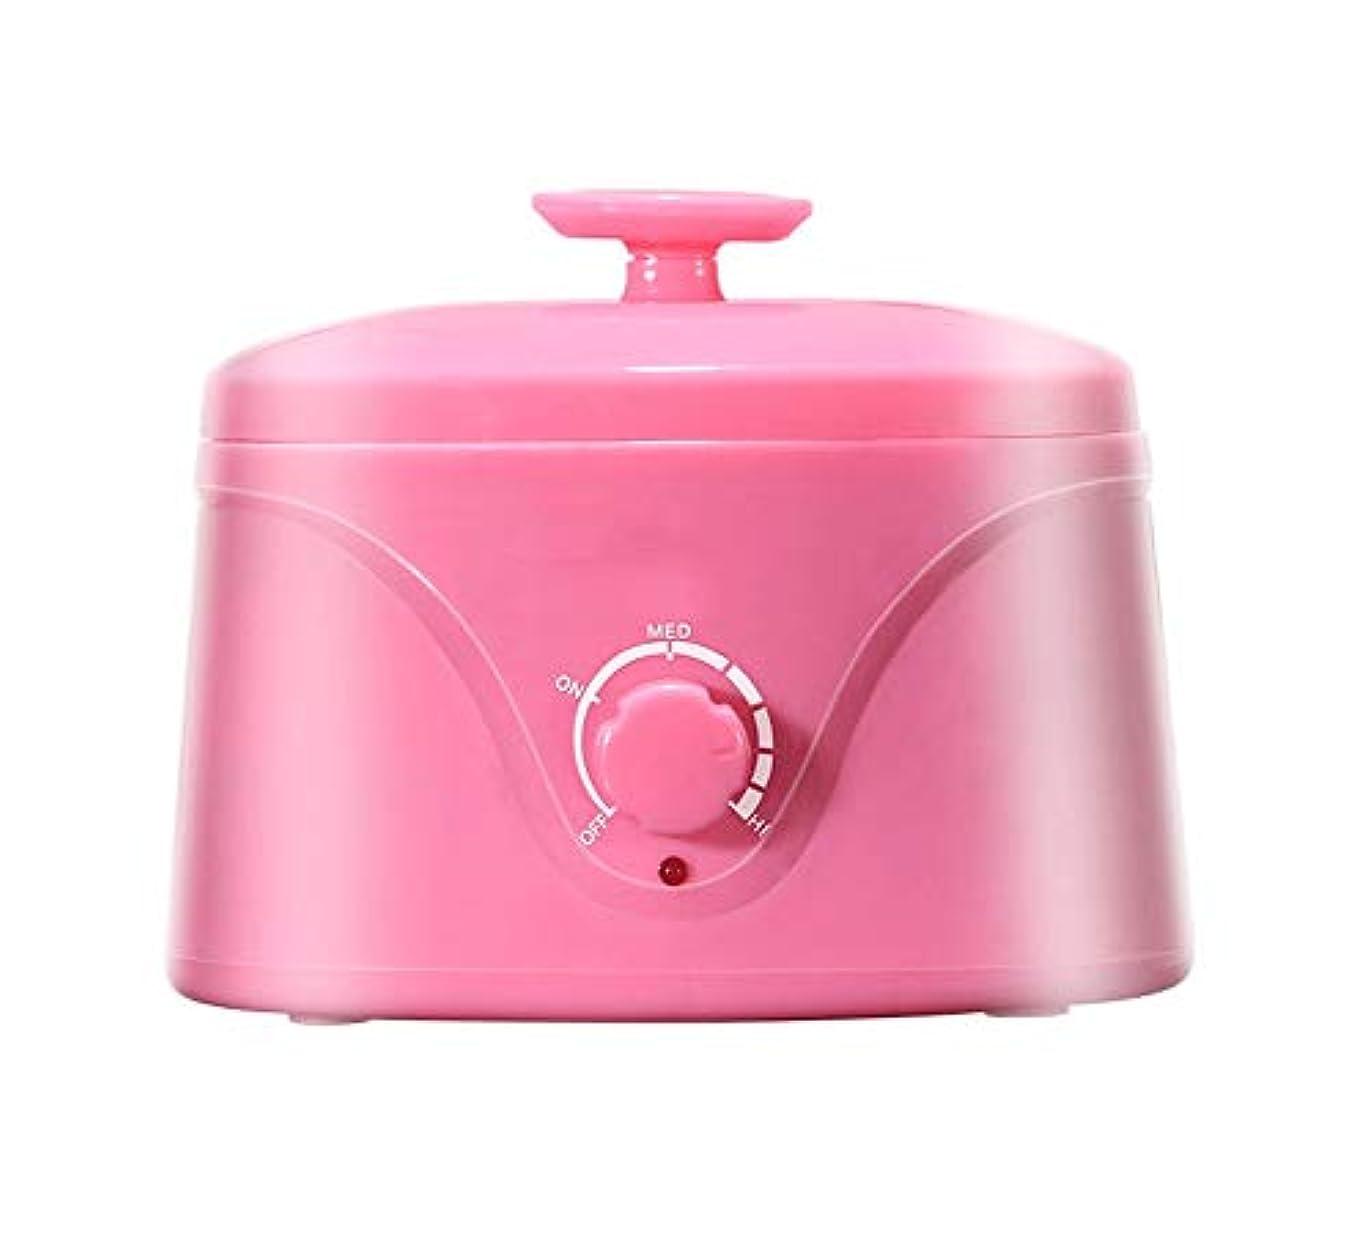 見落とす繊毛慢な女性男性のためのホットワックスウォーマー脱毛ワックスがけStriplessプロフェッショナルサロンエレクトリックワックスヒーターポット (Color : ピンク)